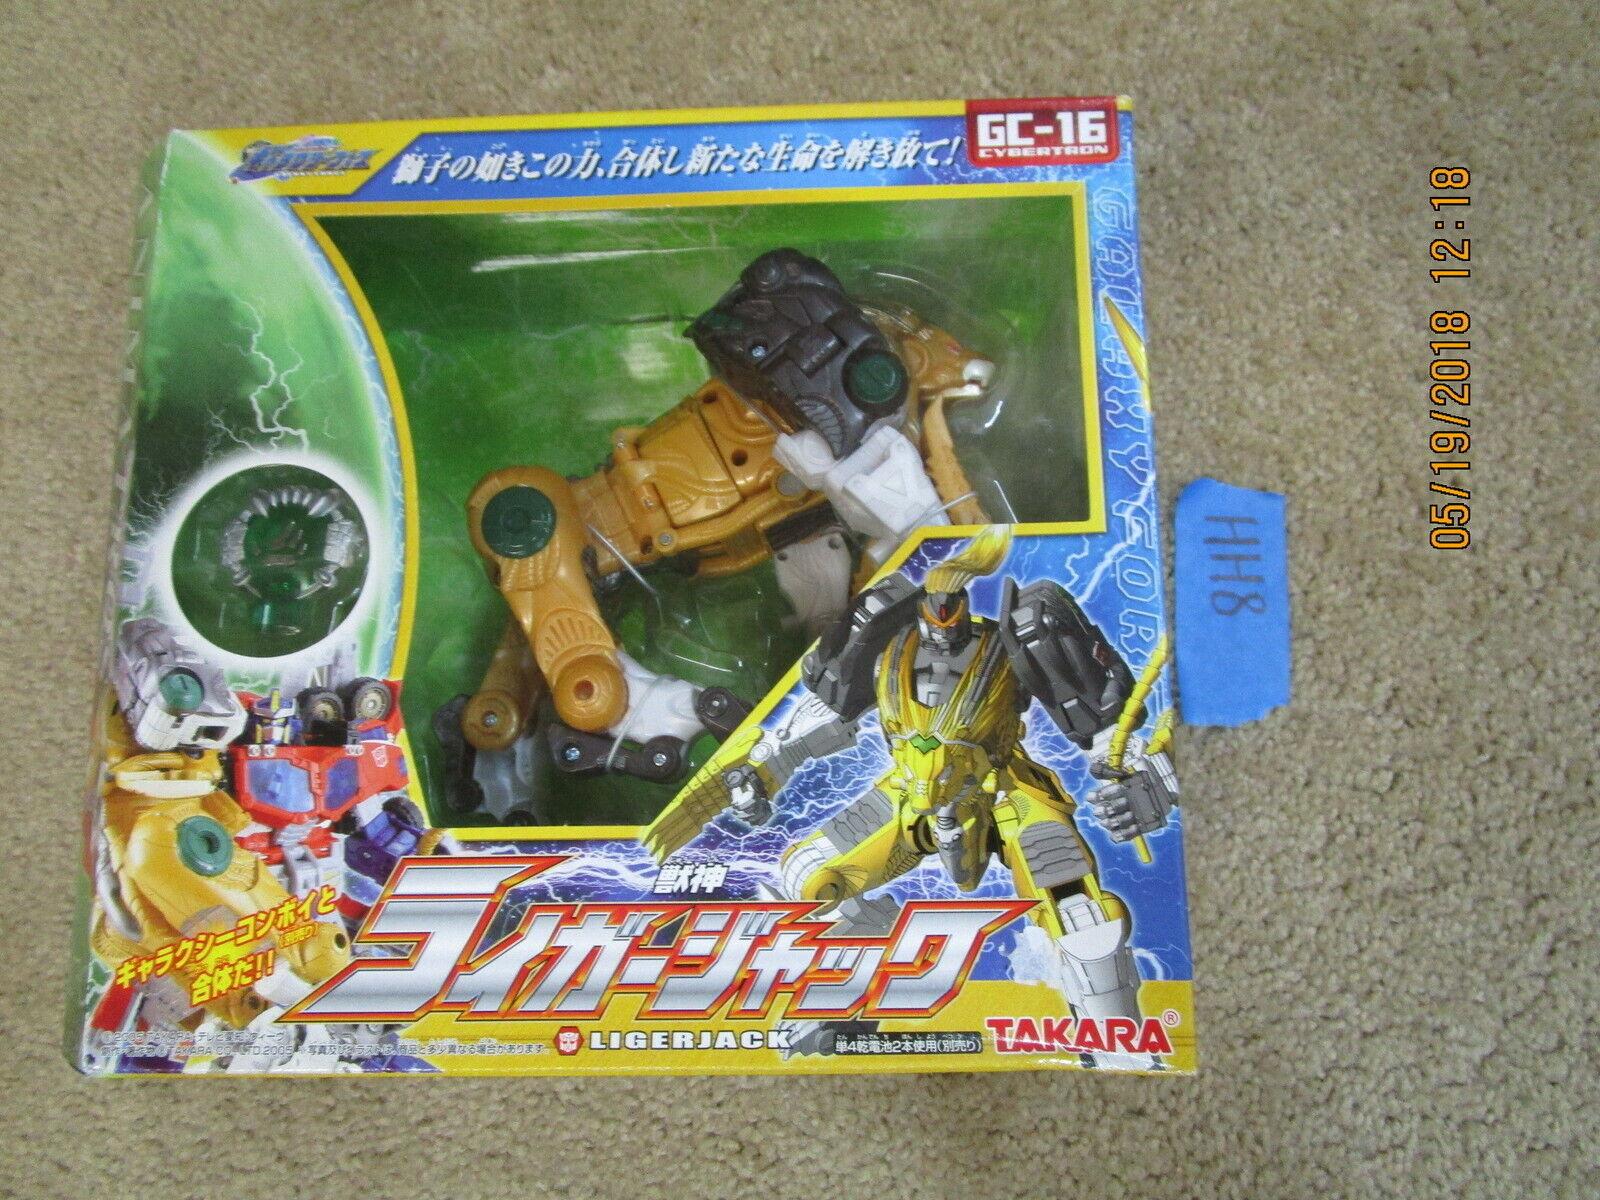 Transformers lotto Cybertron Galaxy Force ligerjack LEOBREAKER GC 16 Nuovo di zecca in scatola sigillata Takara